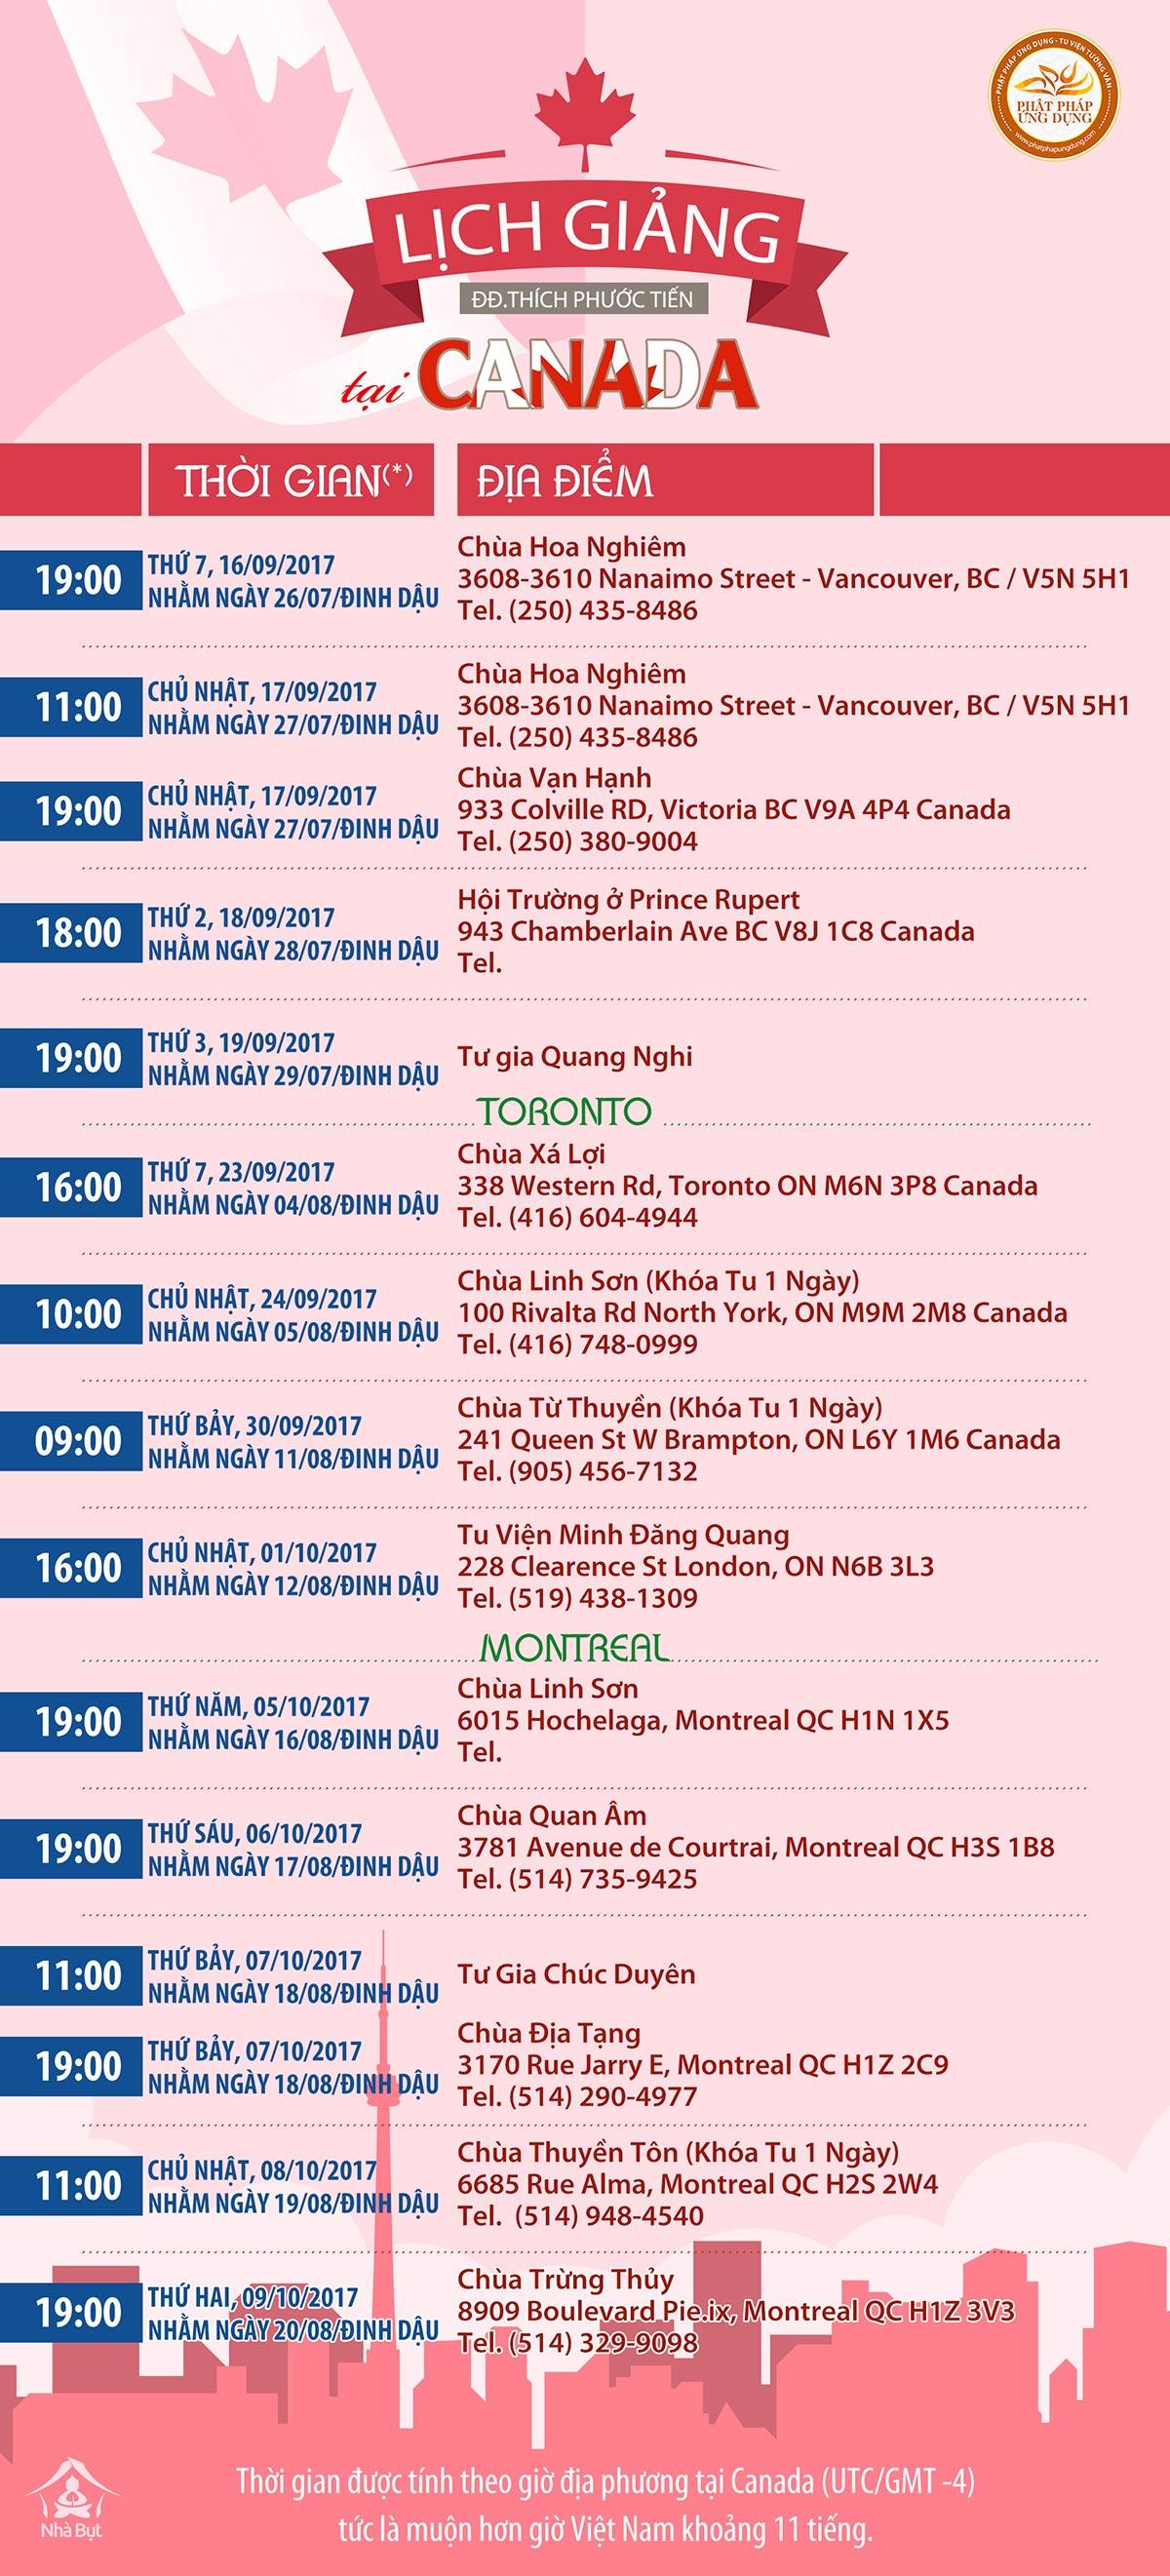 Lịch Giảng Của Thầy Thích Phước Tiến Tại Canada Tháng 9 & 10 Năm 2017